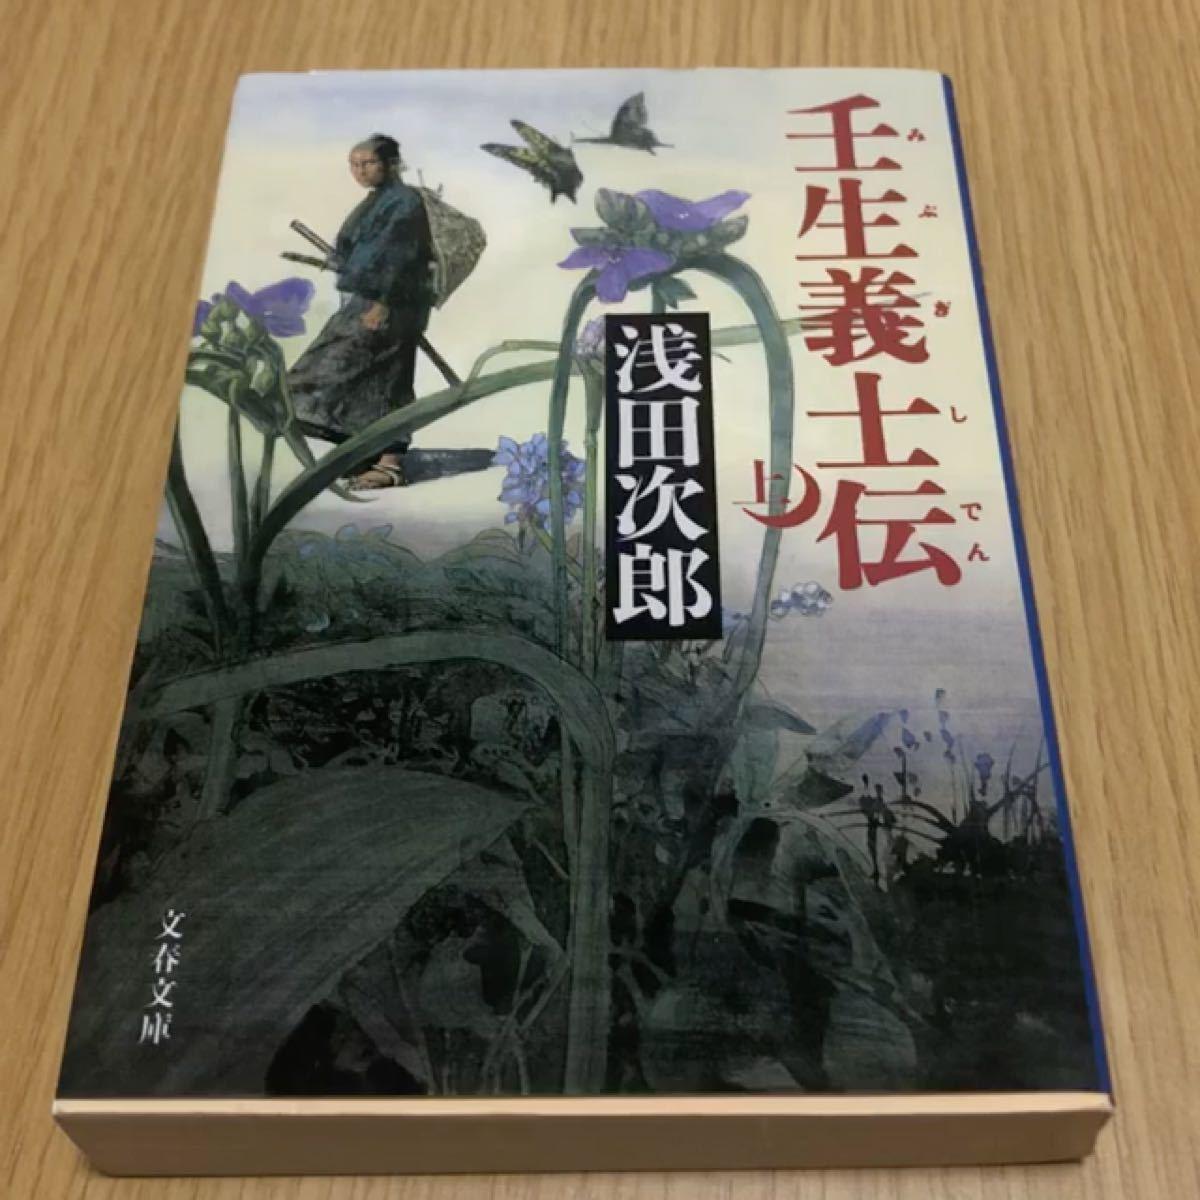 壬生義士伝 上下巻セット/浅田次郎